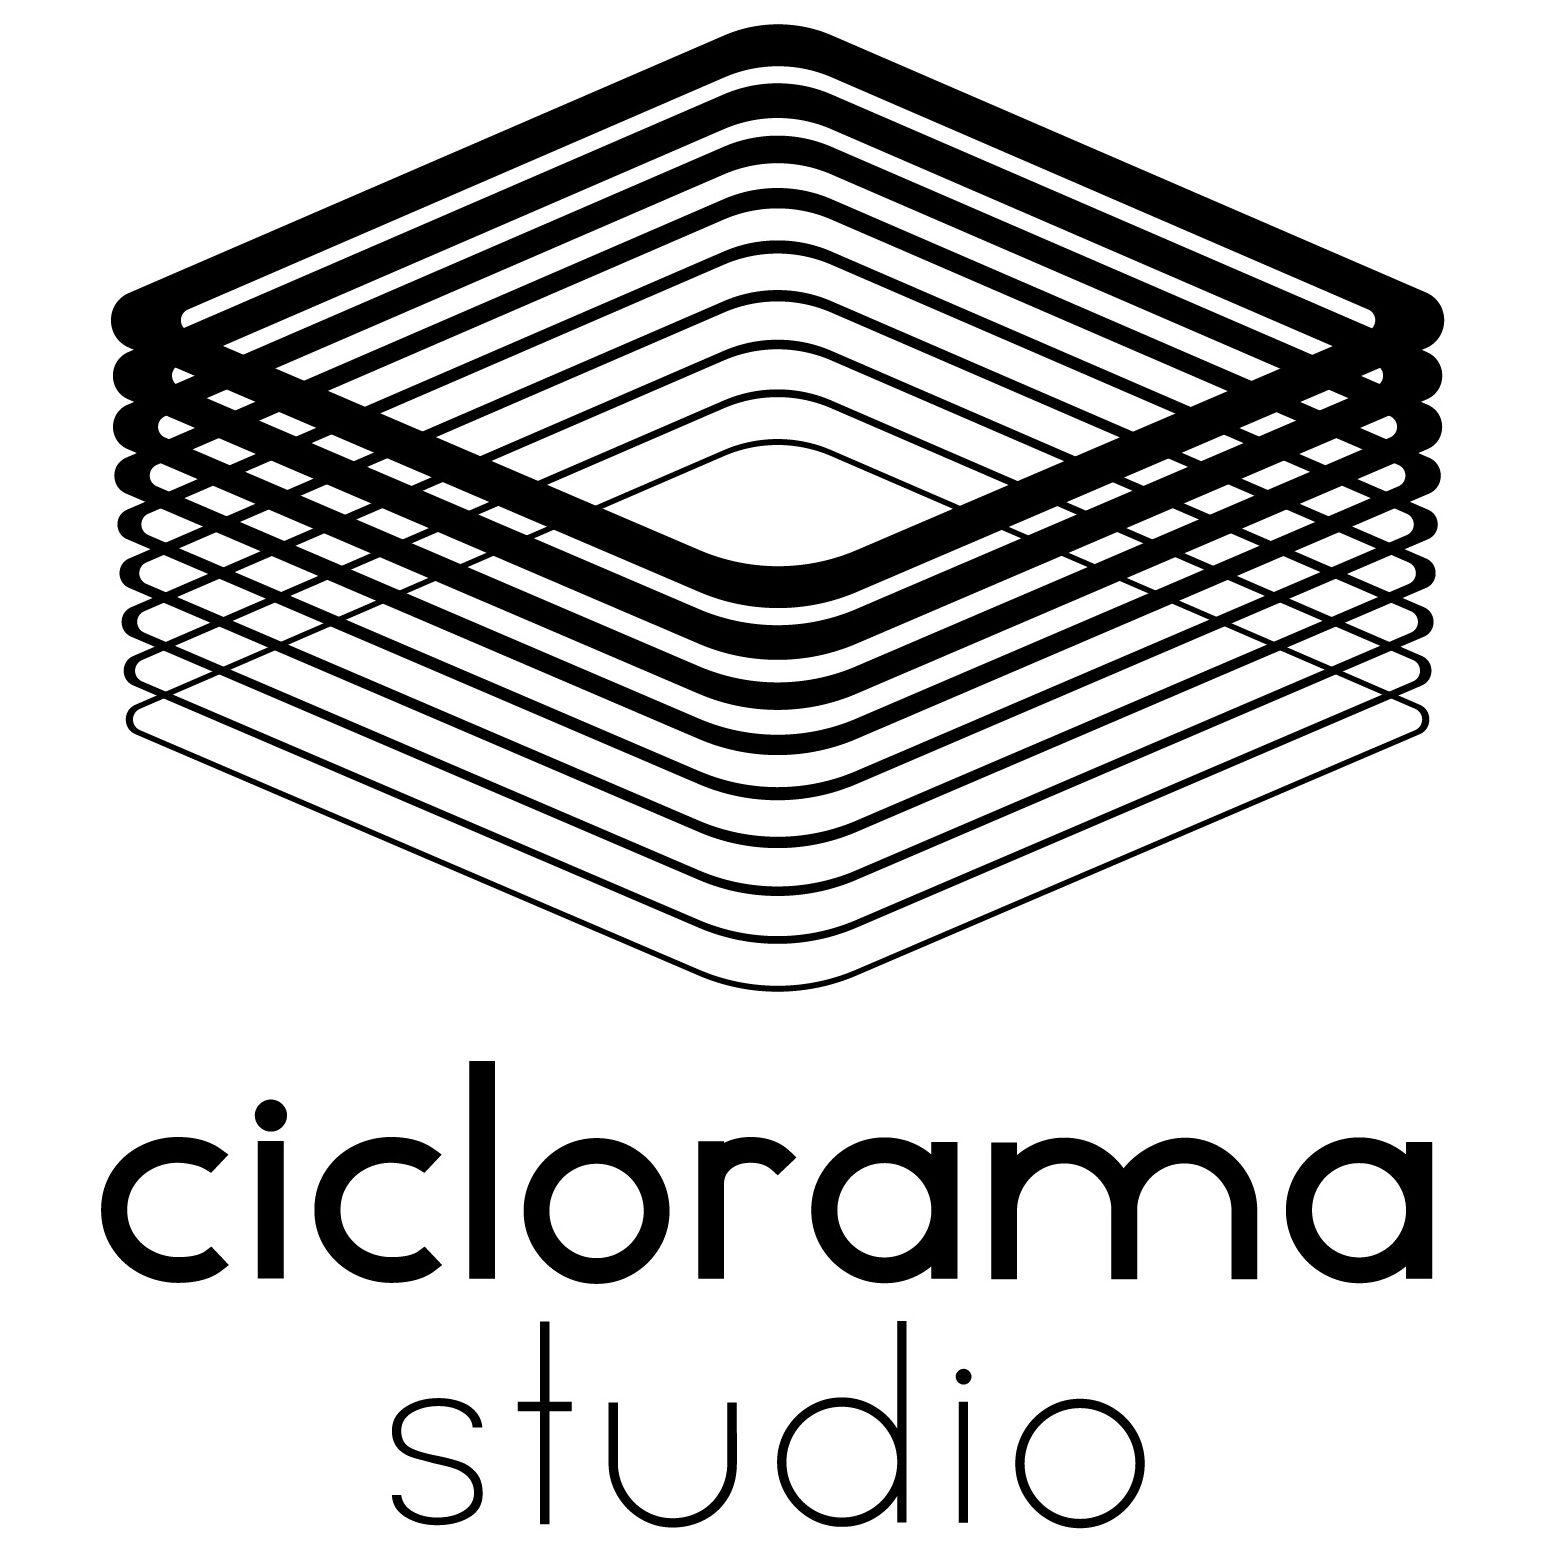 ЦИКЛОРАМА. Ciclorama studio. Аренда фотостудии. Циклорама и интерьеры для фото и видео съёмок.